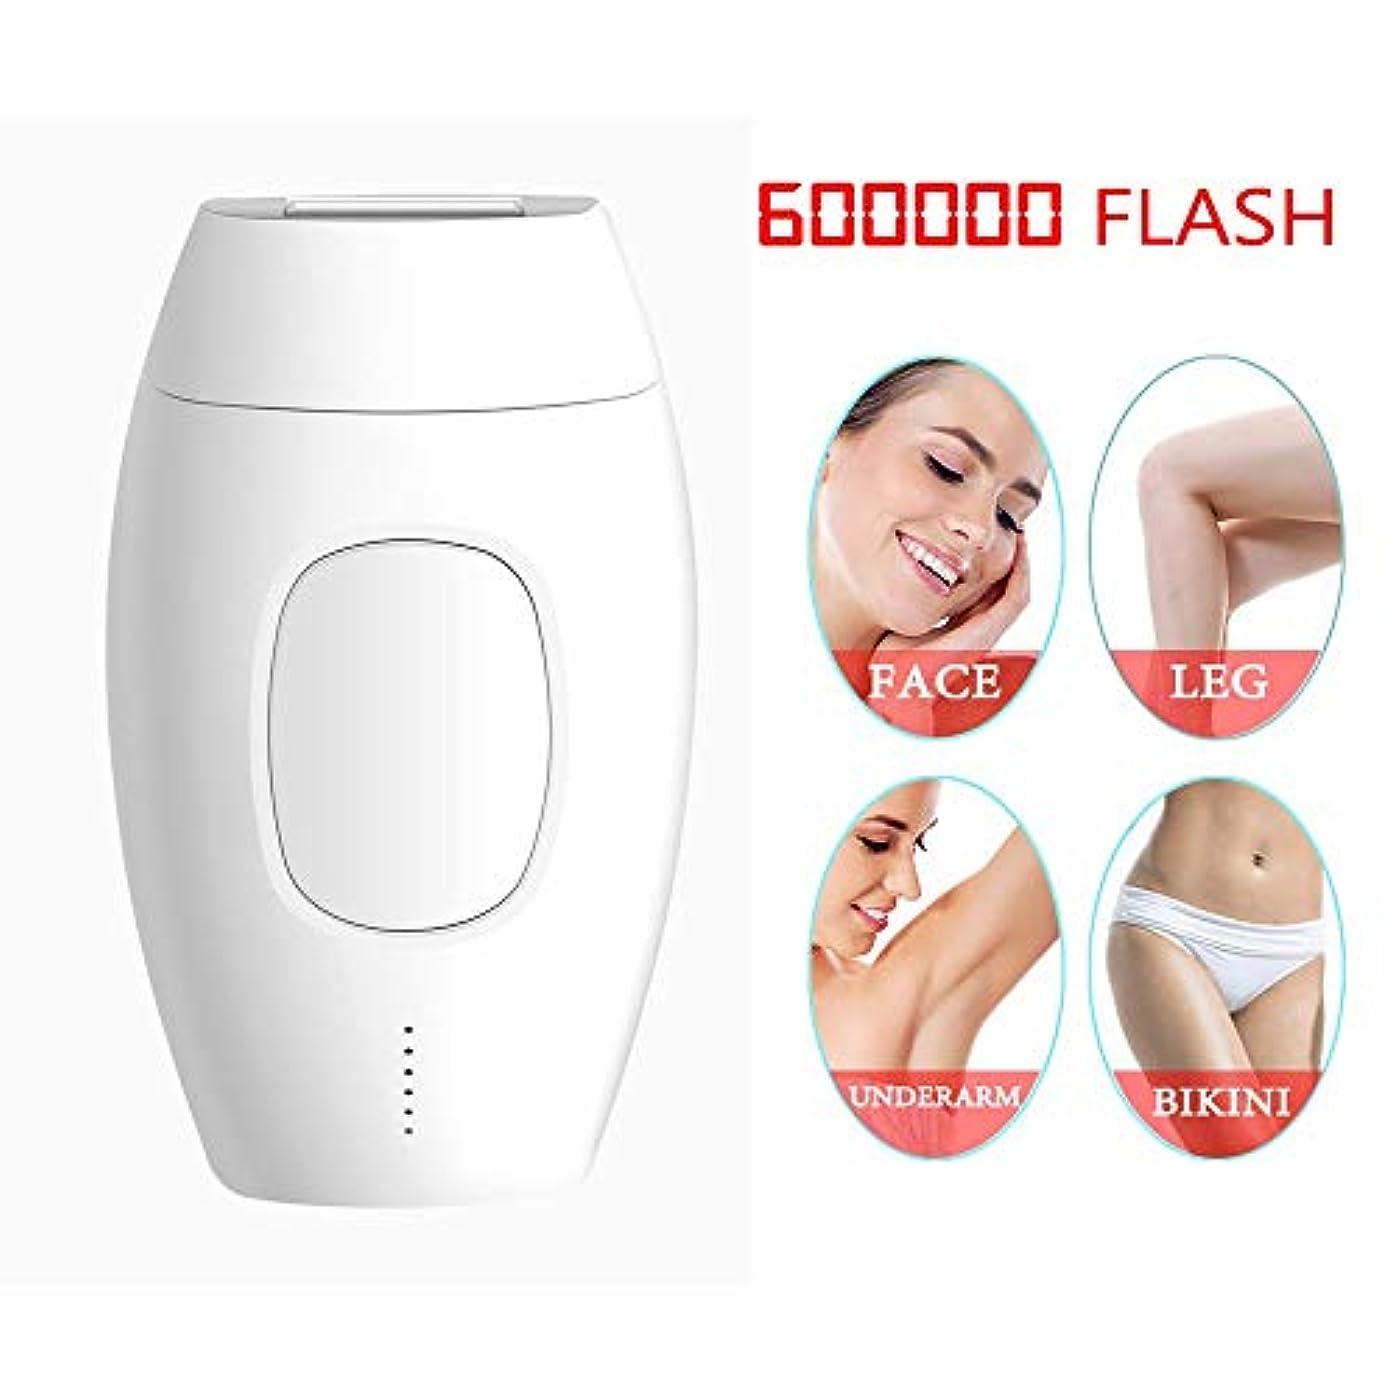 テラス放散するサミュエルFANPING 600000 Flash Professionalの永久的なIPL脱毛器レーザー脱毛エレクトリック写真女性無痛スレッディングヘアーリムーバーマシン (Color : 白)